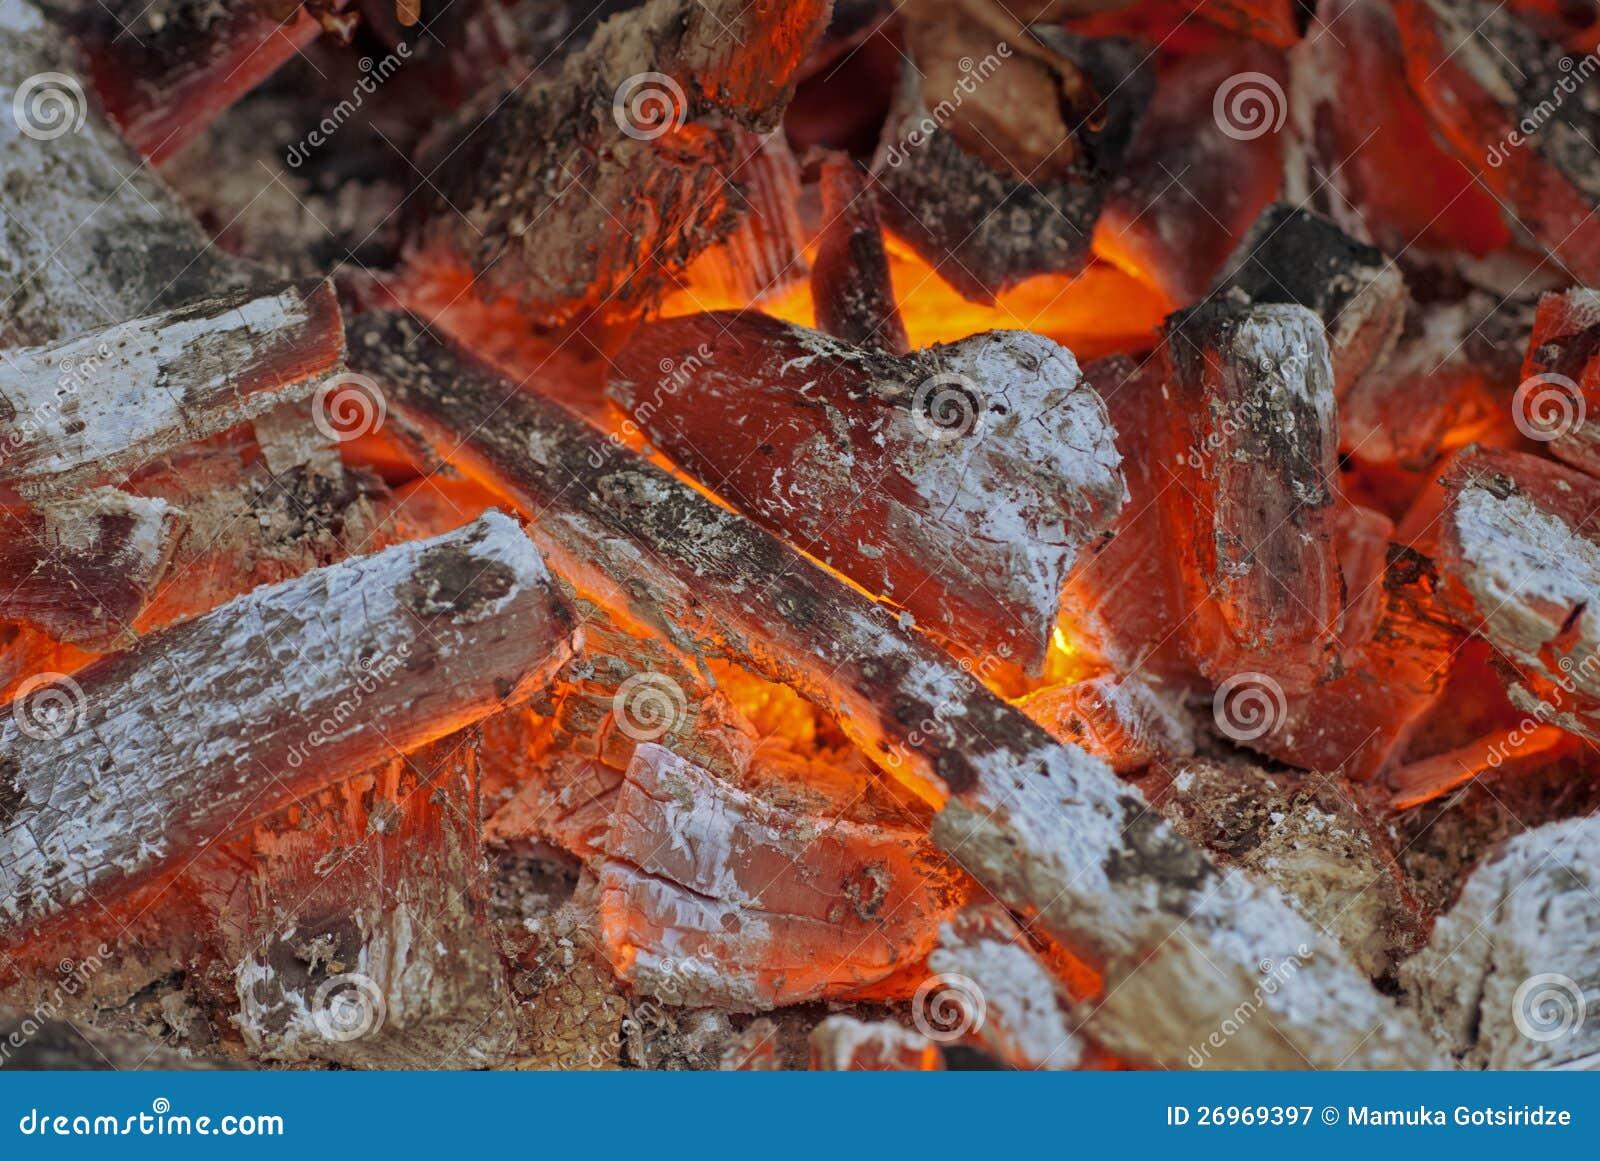 Fuego y carbón de leña de muerte